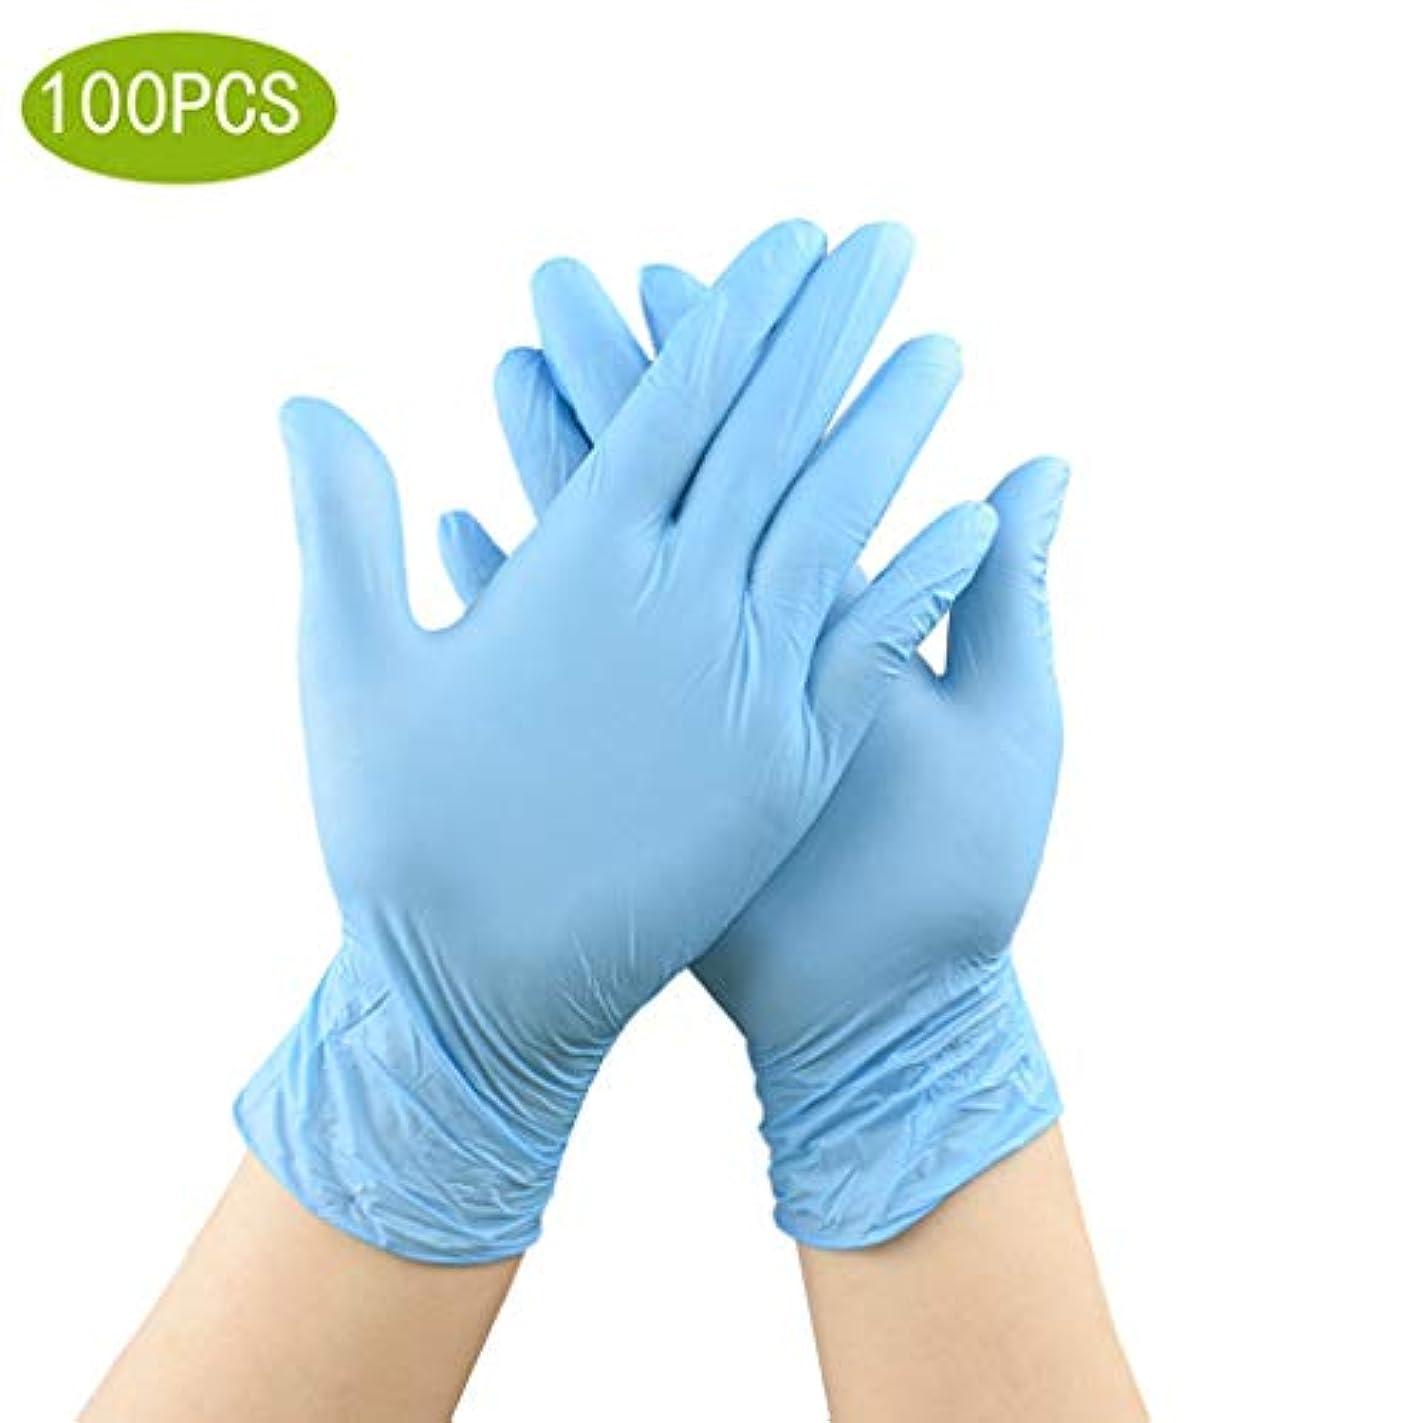 上げる入植者テレビ保護用使い捨てニトリル医療用手袋、3mil、ラテックスフリー、試験グレードの手袋、質感のある、両性、無菌、100個入り (Size : M)